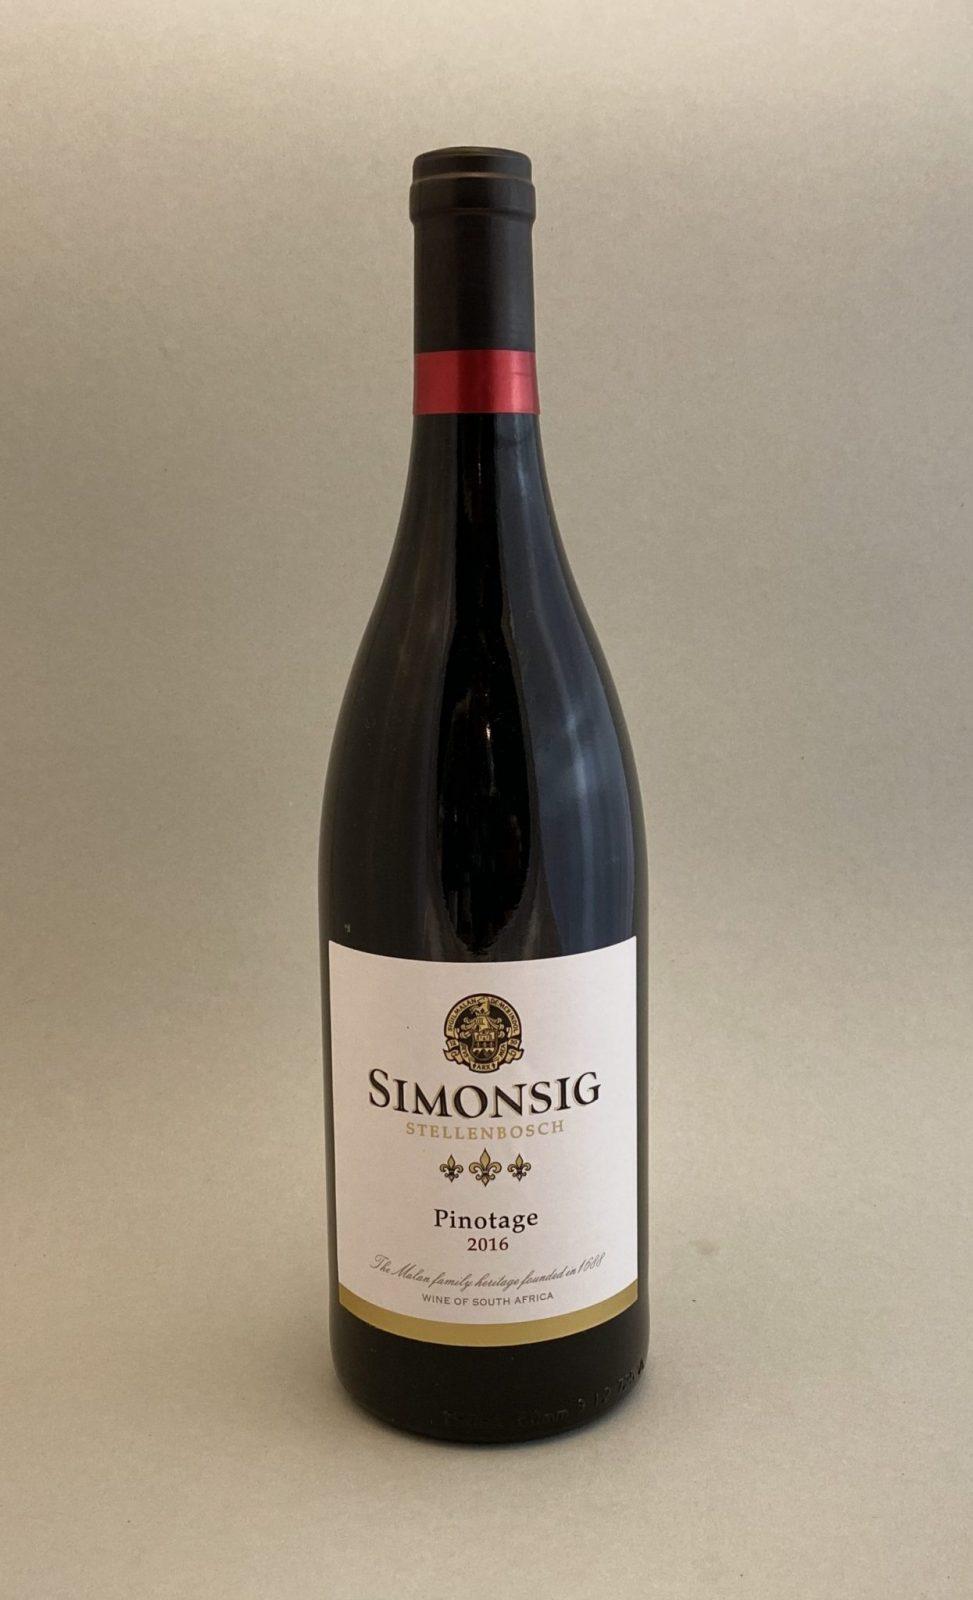 SIMONSIG Pinotage 2016, vinoteka Sunny wines slnecnice mesto, Bratislava petrzalka, vino červené z Južnej Afriky